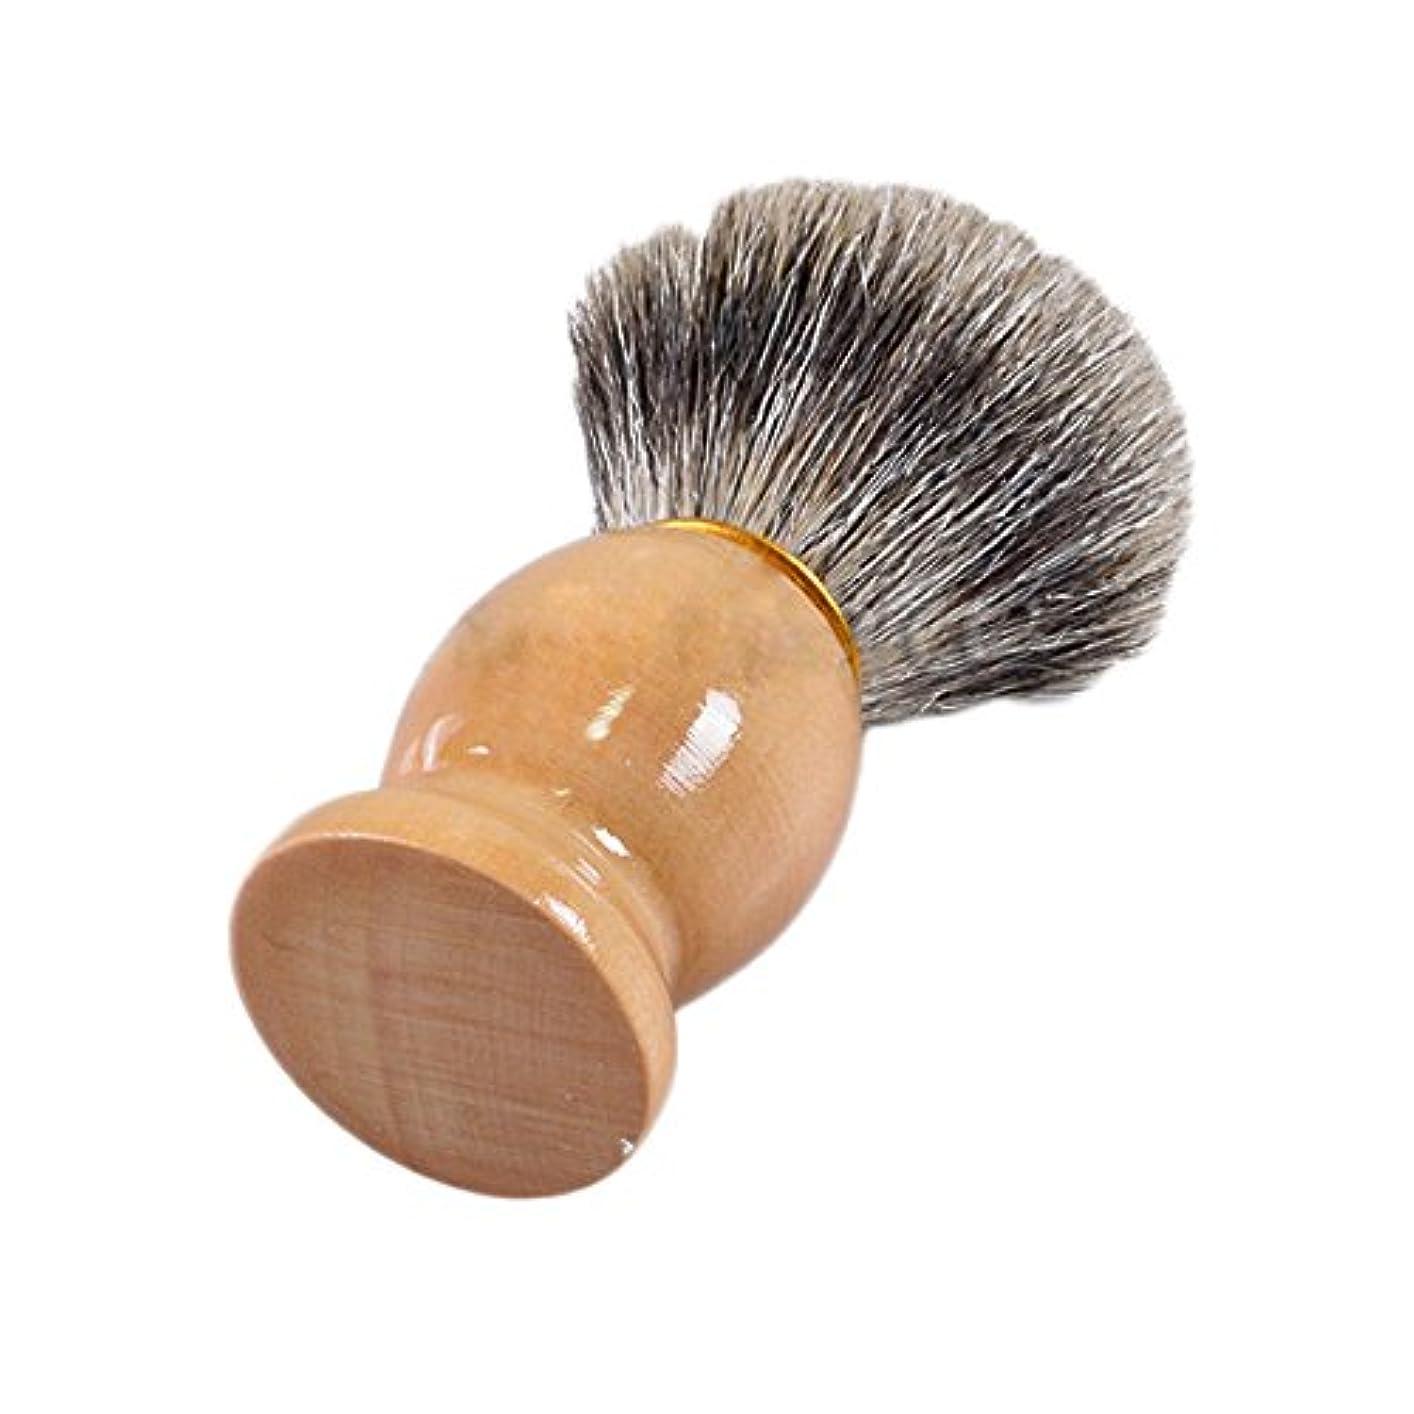 ネブ二週間意図的MSmask 純粋なアナグマ毛シェービングブラシ 木製ハンドルのシェービングブラシで